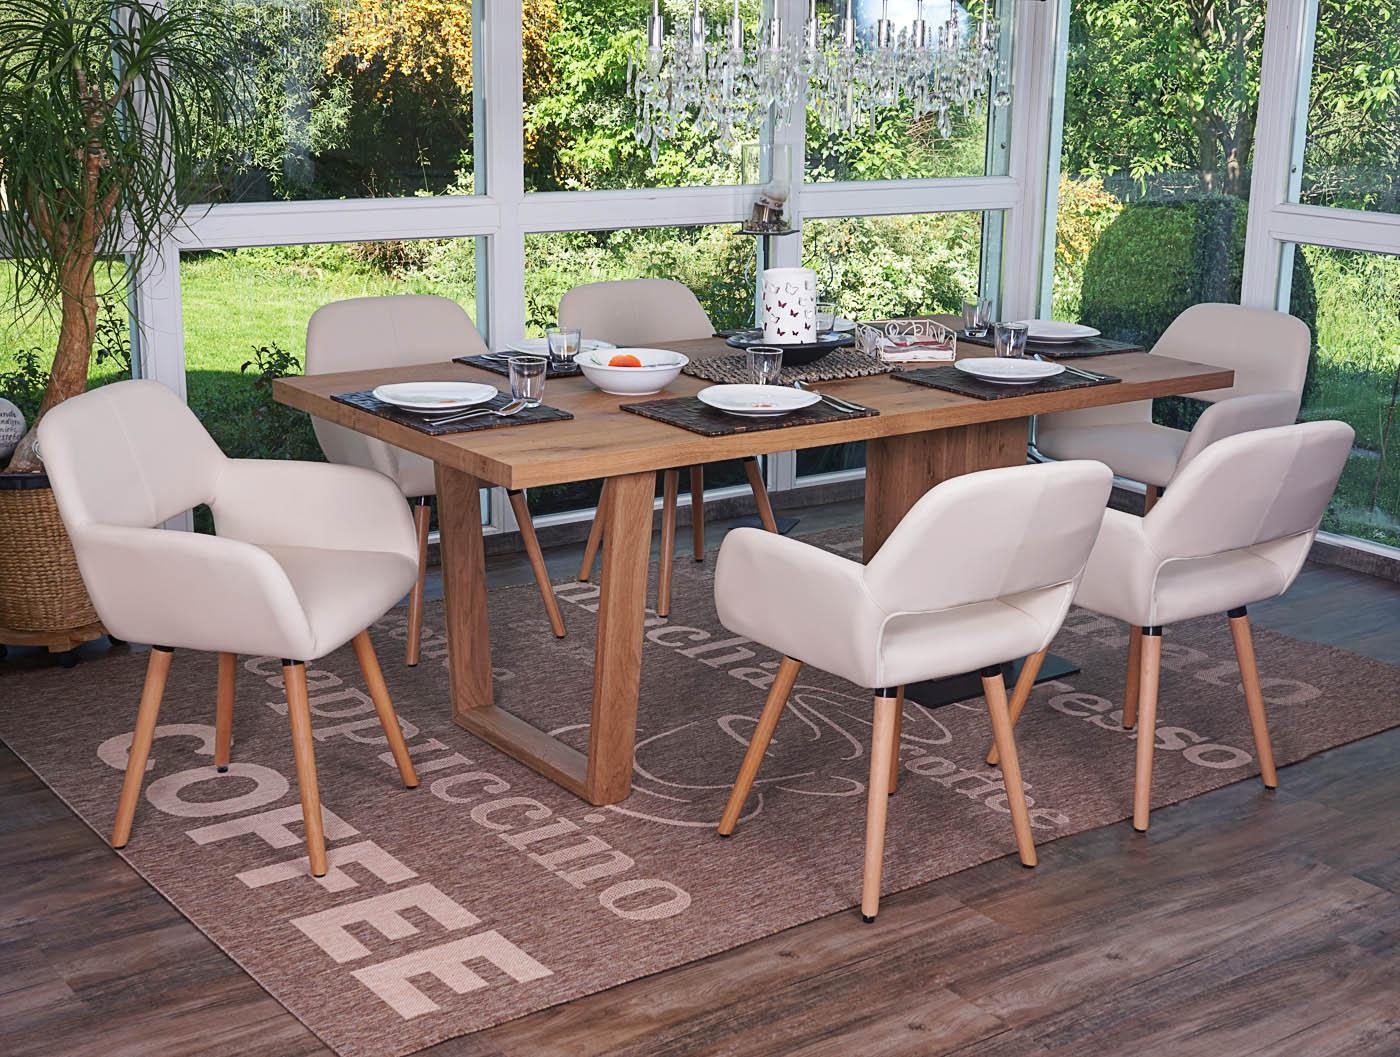 Set 6x sedie sala da pranzo hwc a50 ii design retro legno versione a scelta ebay - Sedie sala da pranzo ...